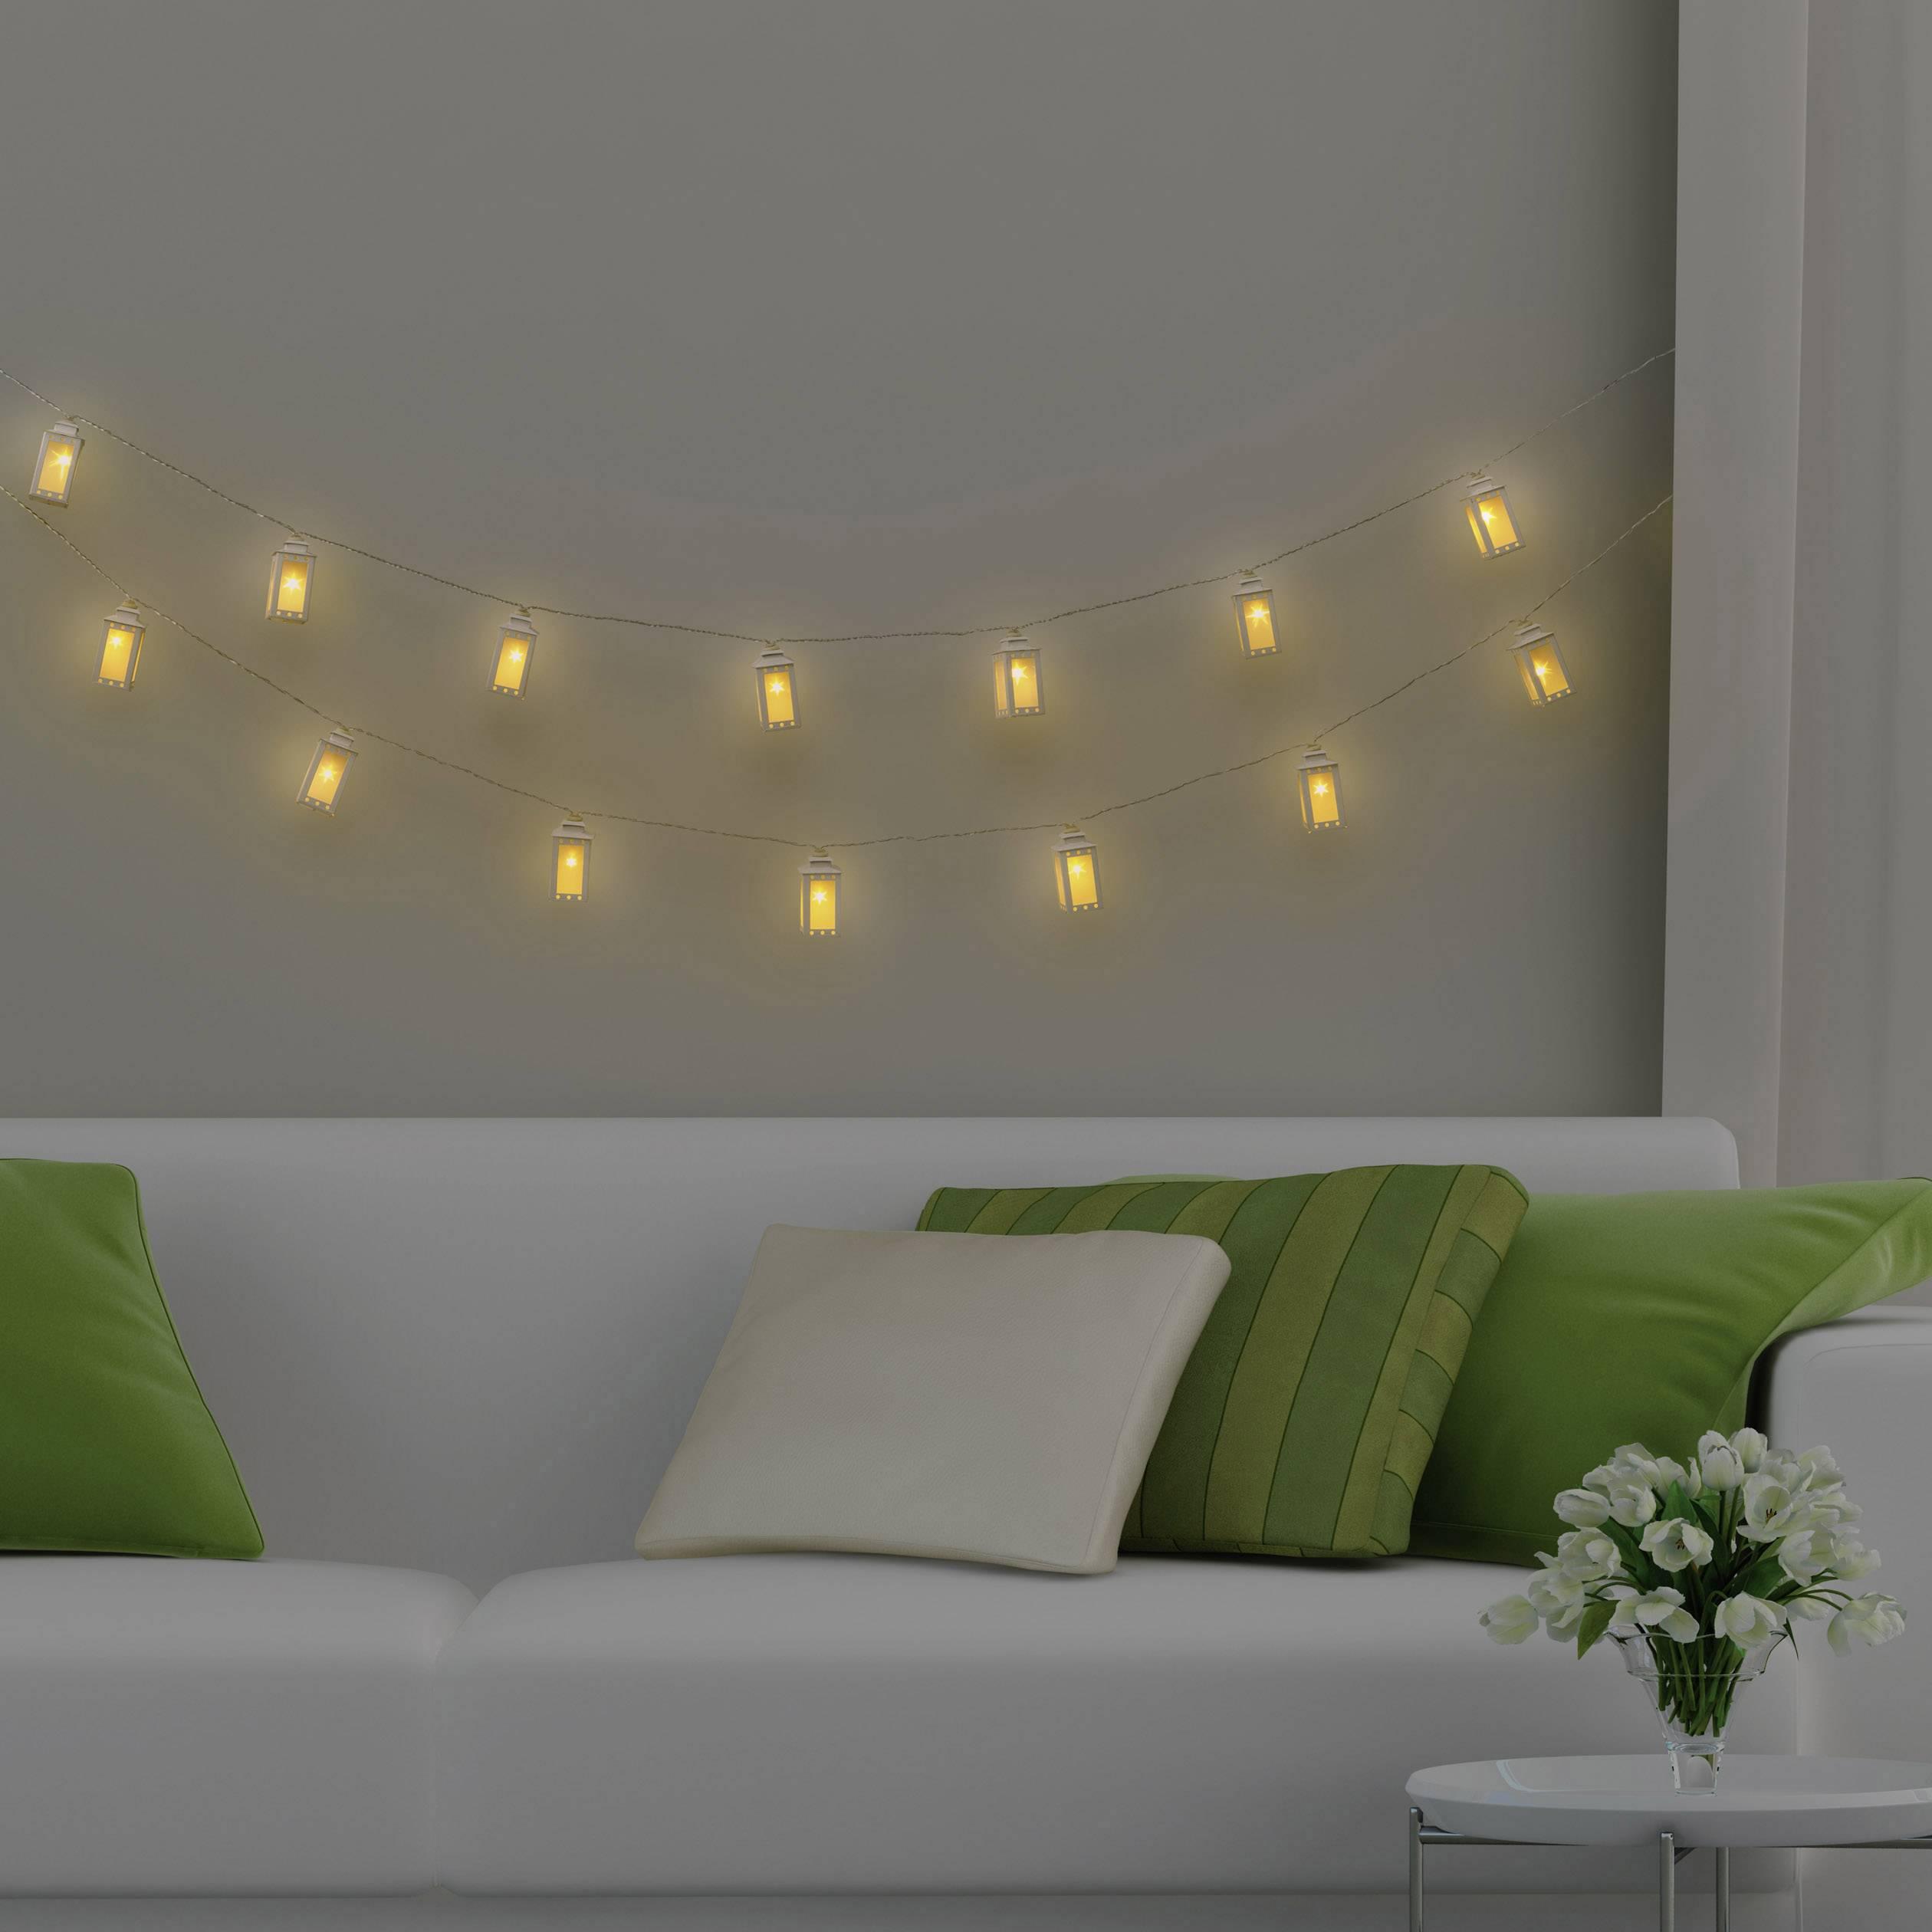 Vnitřní světelný řetěz Polarlite WS-131017909 16LAP, 16 LED, 3,5 m, do sítě, lucerna